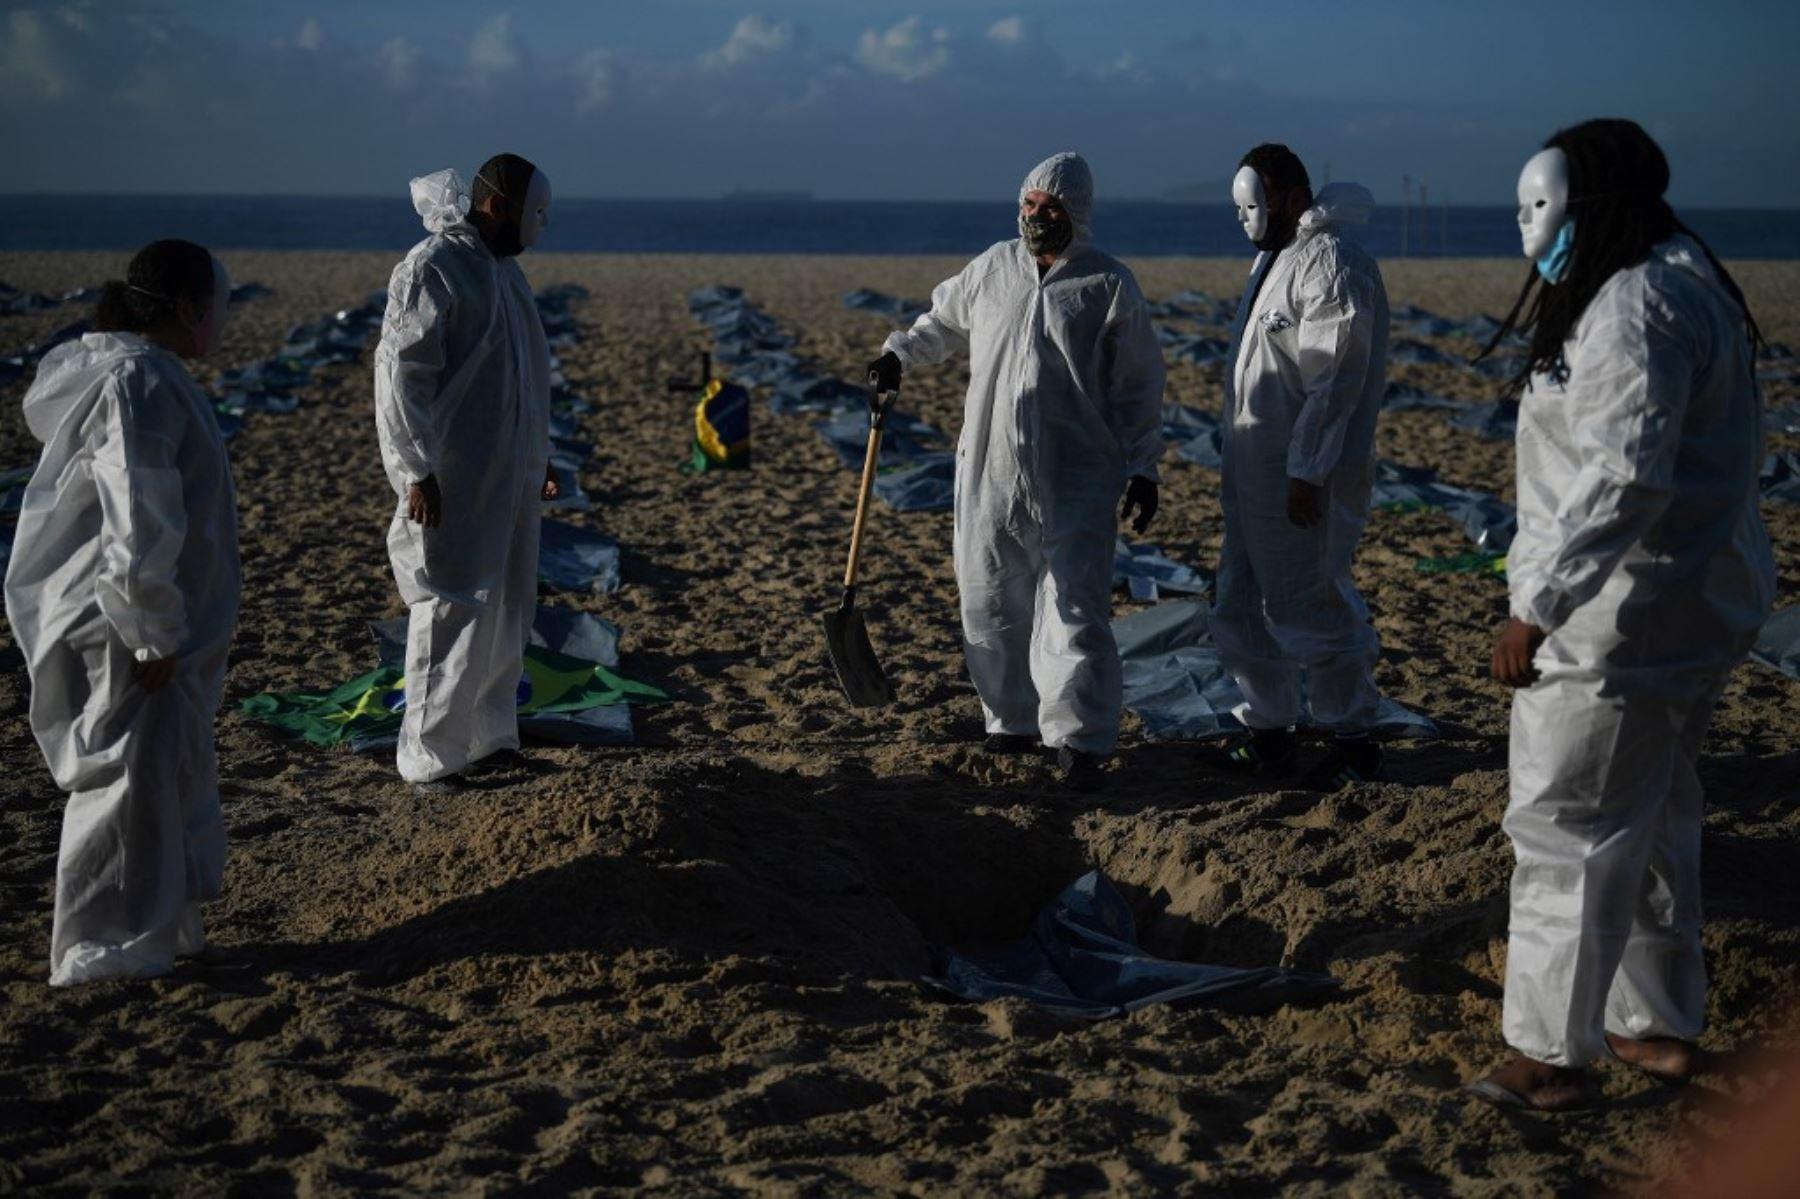 Manifestantes del grupo activista de derechos humanos de Río de Paz cavan una tumba simbólica frente a filas de bolsas que simbolizan bolsas para cadáveres en la playa de Copacabana, durante una protesta contra el manejo del gobierno brasileño de la pandemia de coronavirus, en Río de Janeiro. Foto: AFP